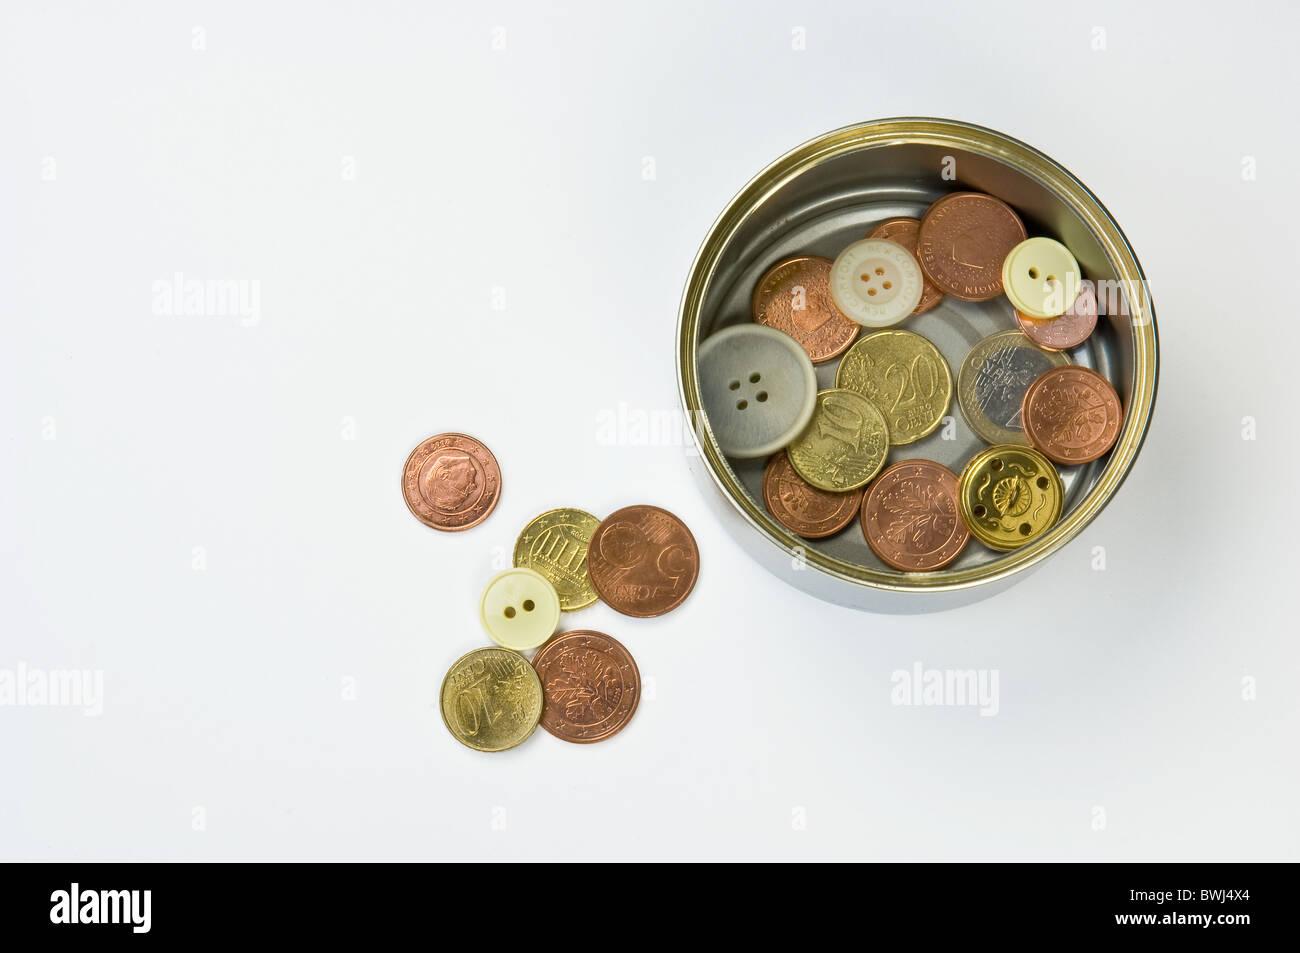 Savings box - Stock Image